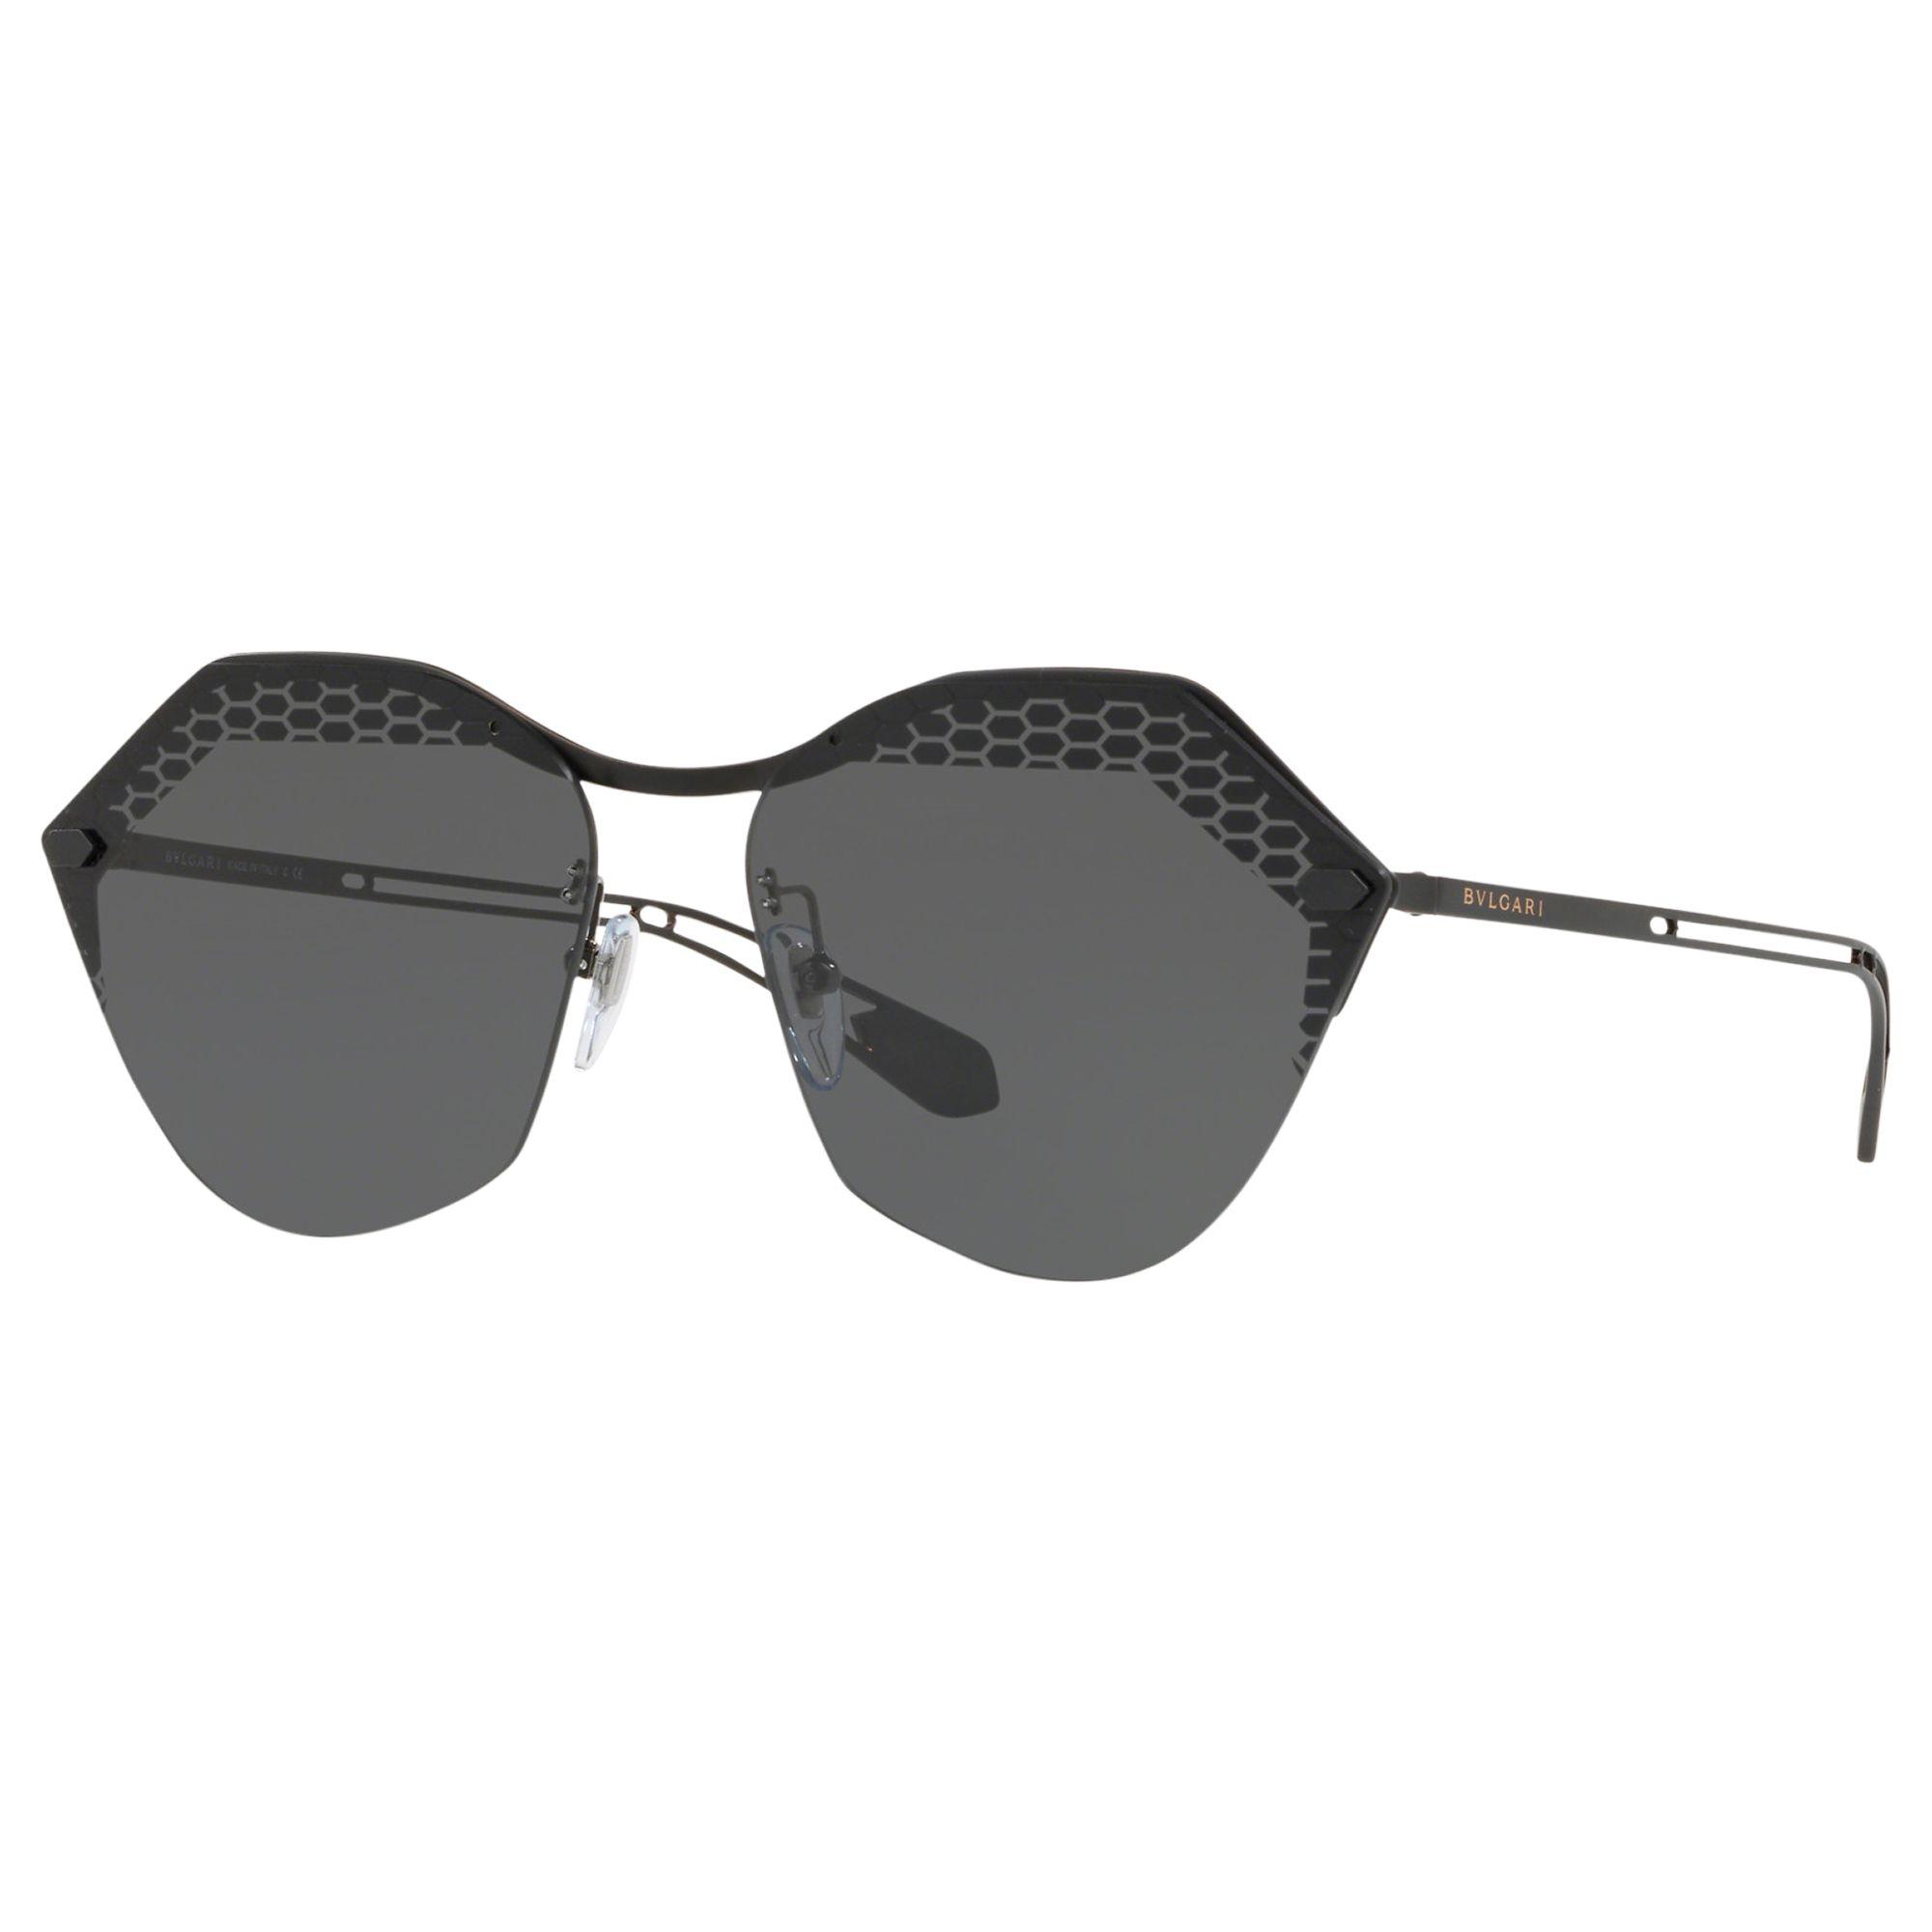 Bvlgari BVLGARI BV6109 Women's Irregular Sunglasses, Matte Black/Grey